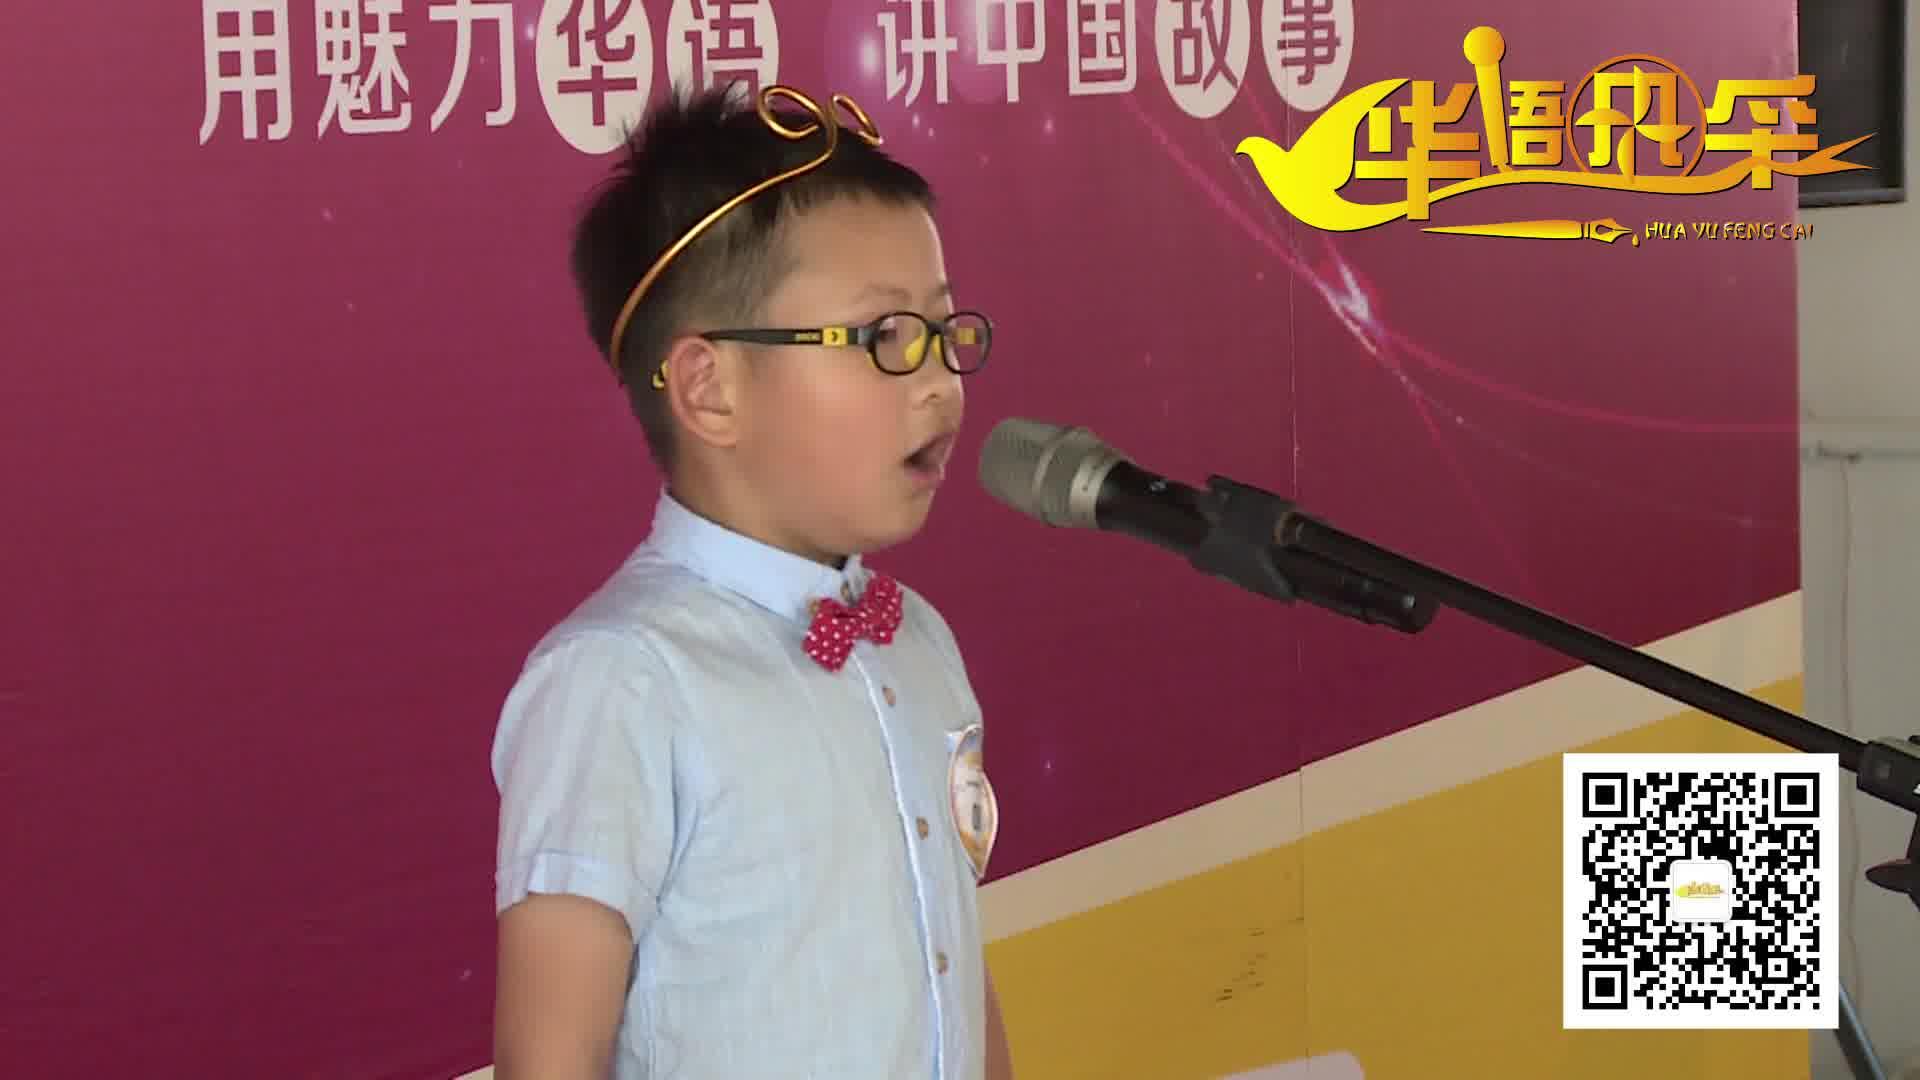 08号选手:朱瑞坤